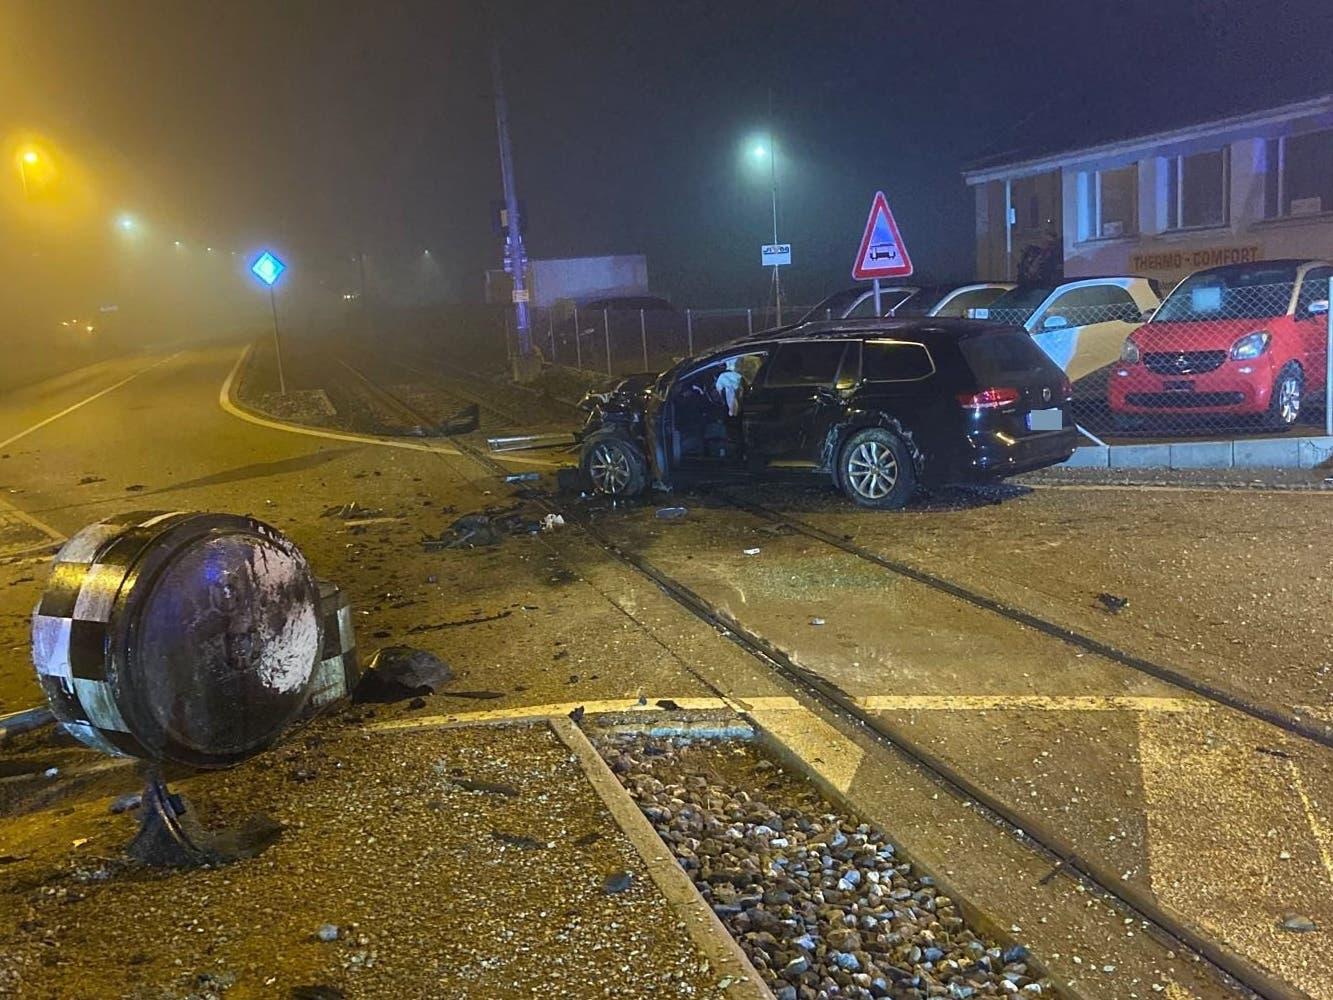 Hallwil, 17. Oktober: Ein betrunkener Autofahrer verliert bei einem Kreisel die Herrschaft über sein Auto und baut einen Selbstunfall. Er beschädigt dabei auch eine Verkehrstafel. Er wird mittelschwer verletzt.